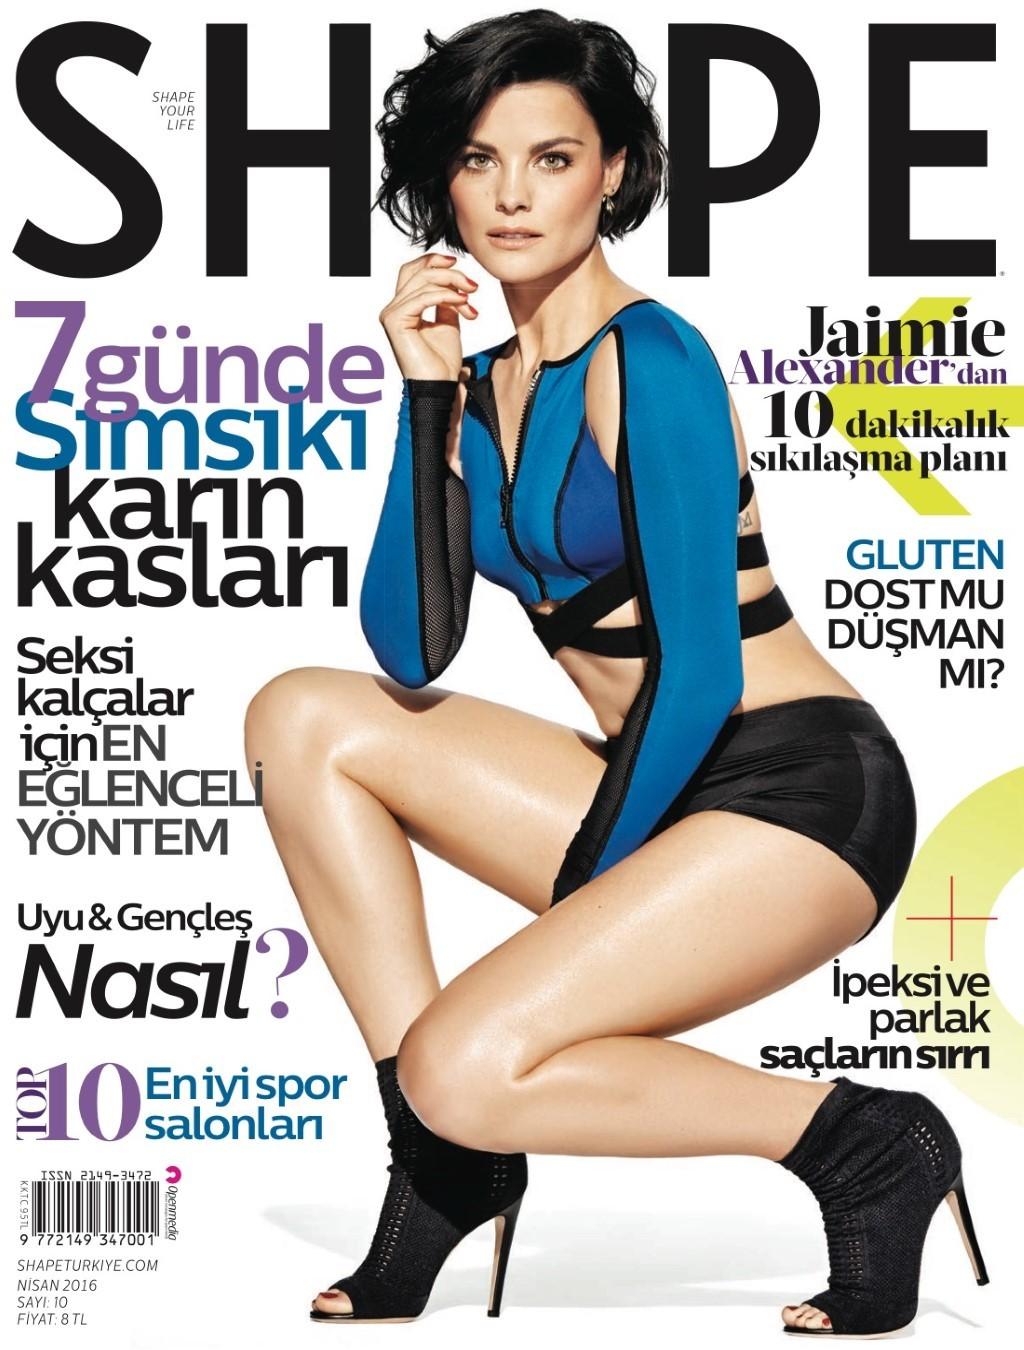 Shape Nisan E-dergi indir Sandalca.com